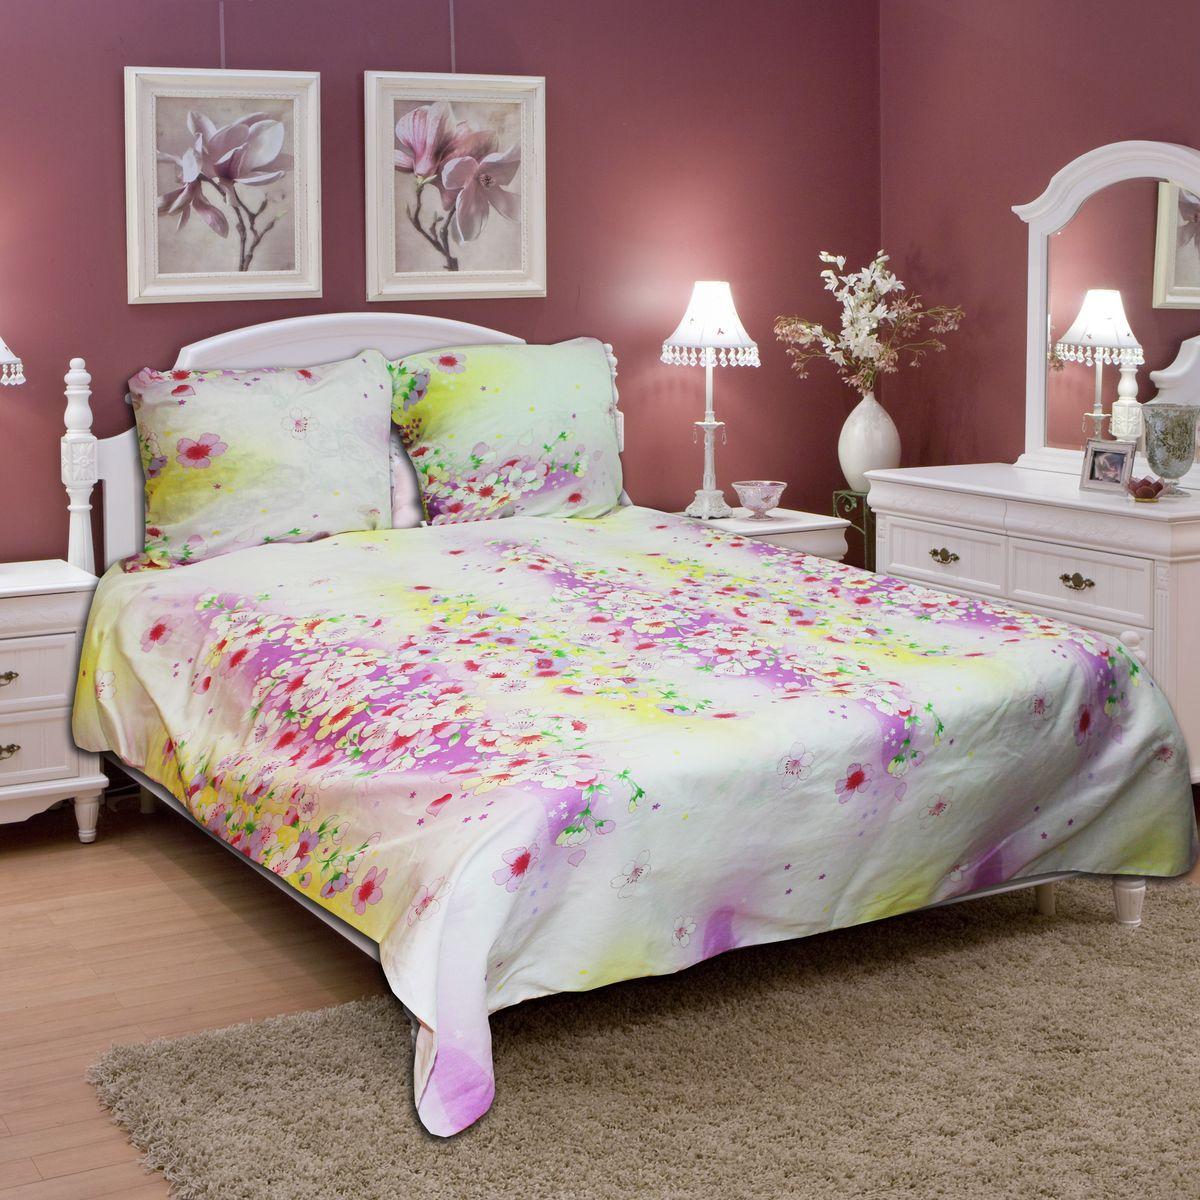 Комплект белья Amore Mio Soft, 1,5-спальный, наволочки 70х7077691Постельное белье из бязи практично и долговечно, а самое главное - это 100% хлопок! Материал великолепно отводит влагу, отлично пропускает воздух, не капризен в уходе, легко стирается и гладится. Новая коллекция Naturel 3-D дизайнов позволит выбрать постельное белье на любой вкус!